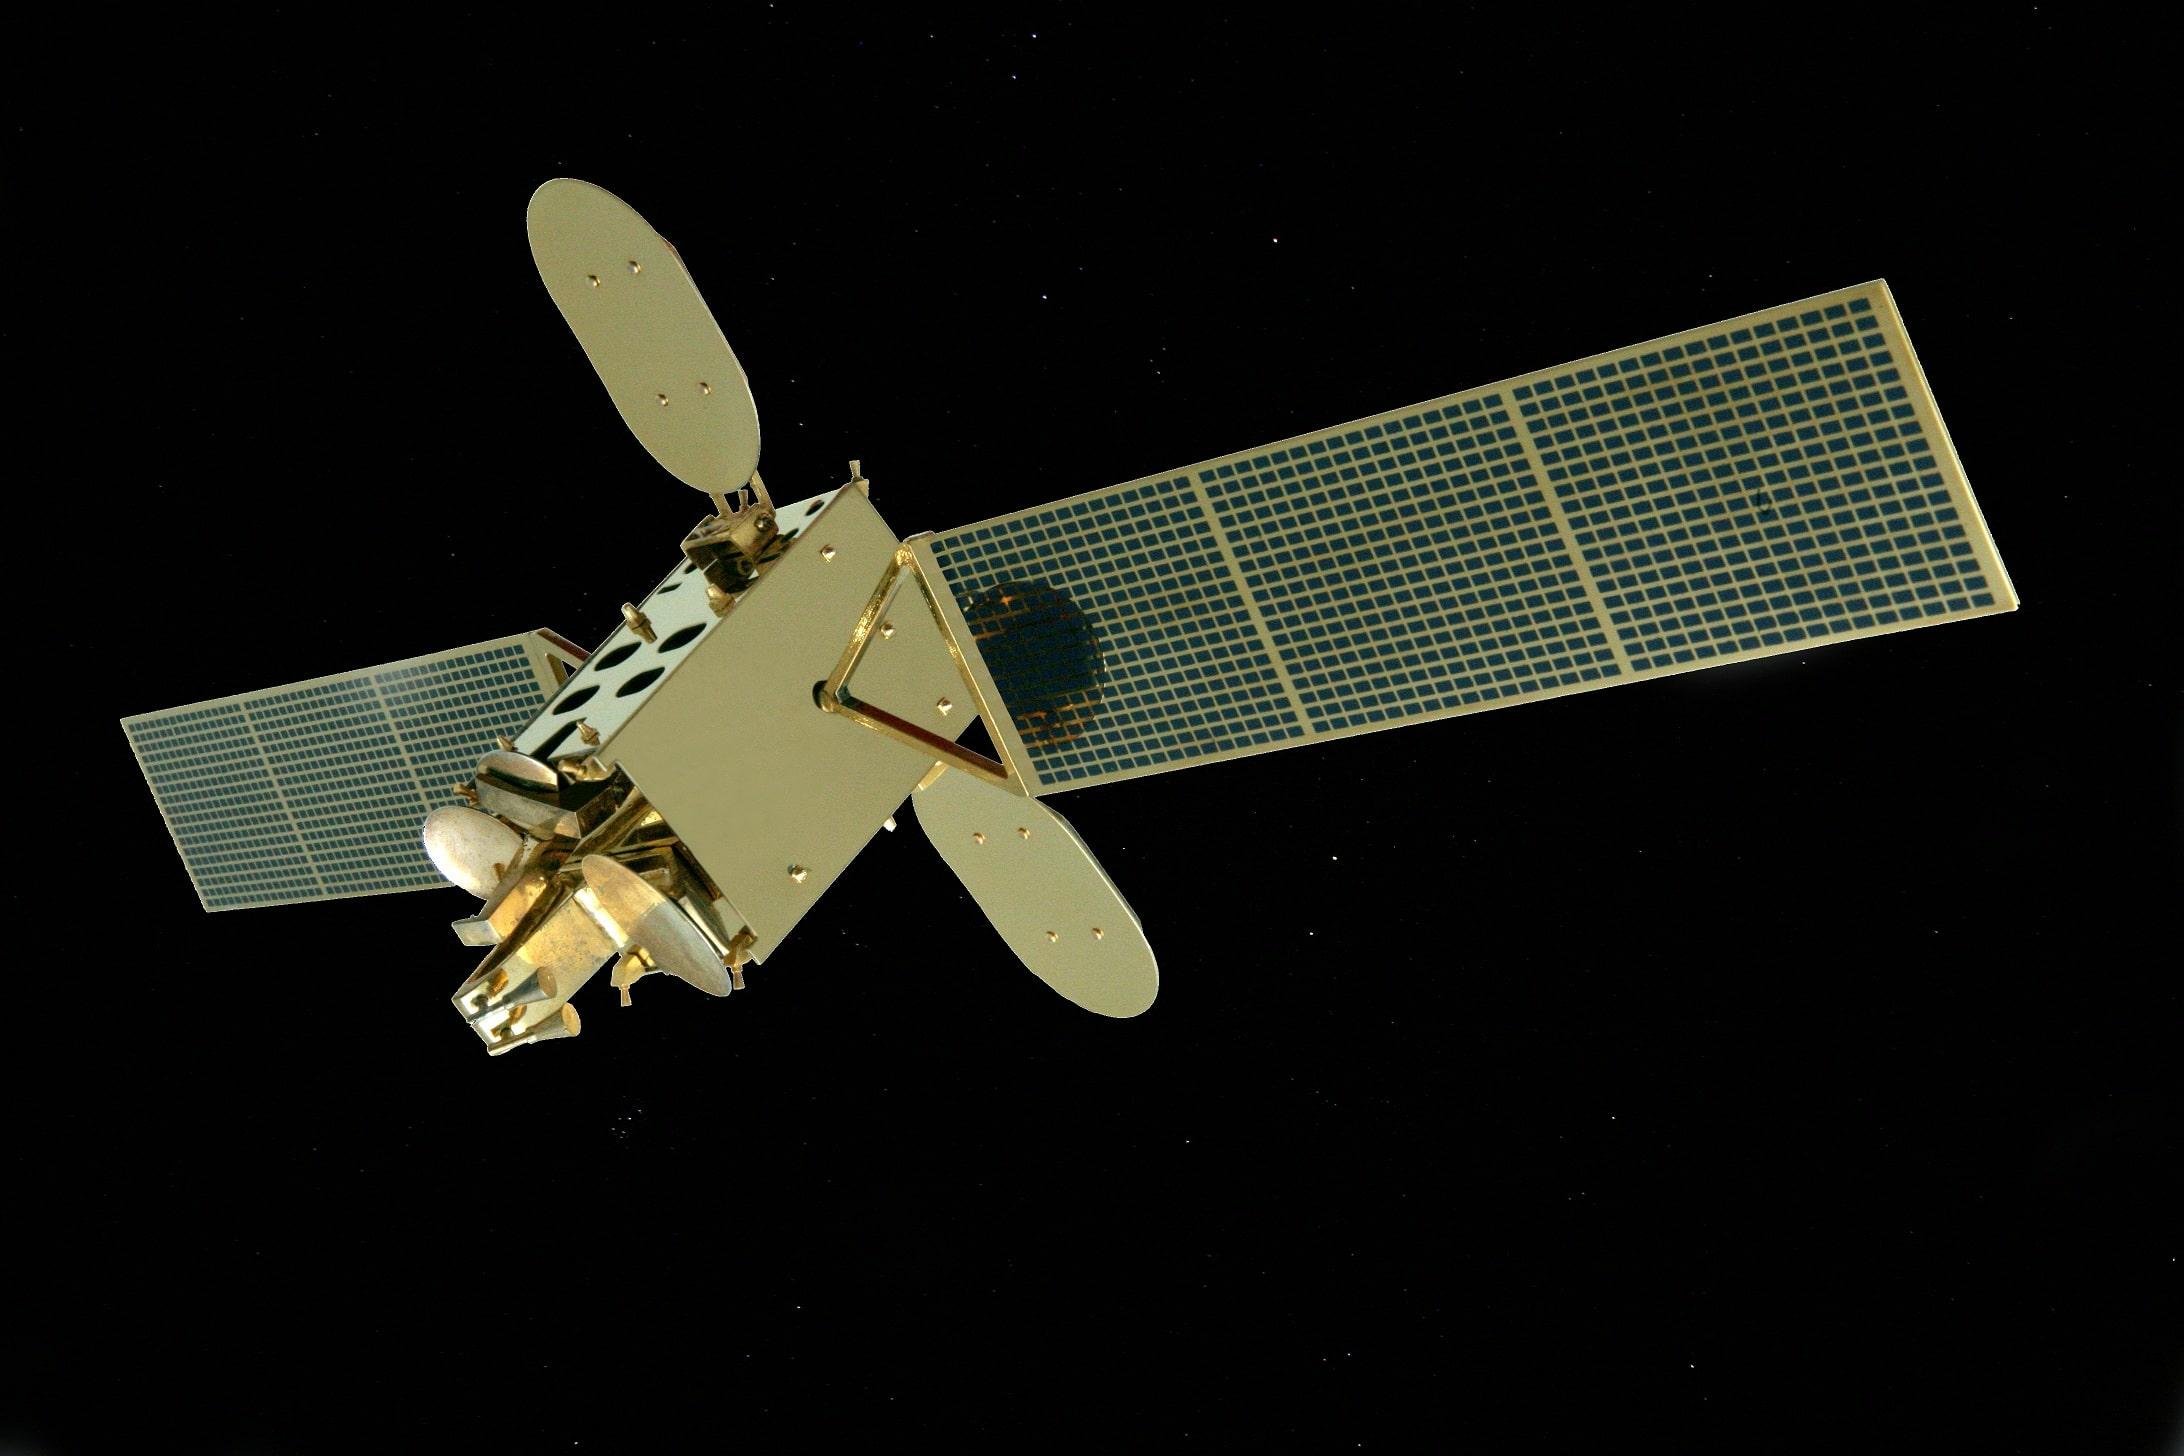 ¡Celebramos 10 años del inicio de nuestra soberanía tecnológica! afirmó Maduro a una década del lanzamiento del satélite «Simón Bolívar»